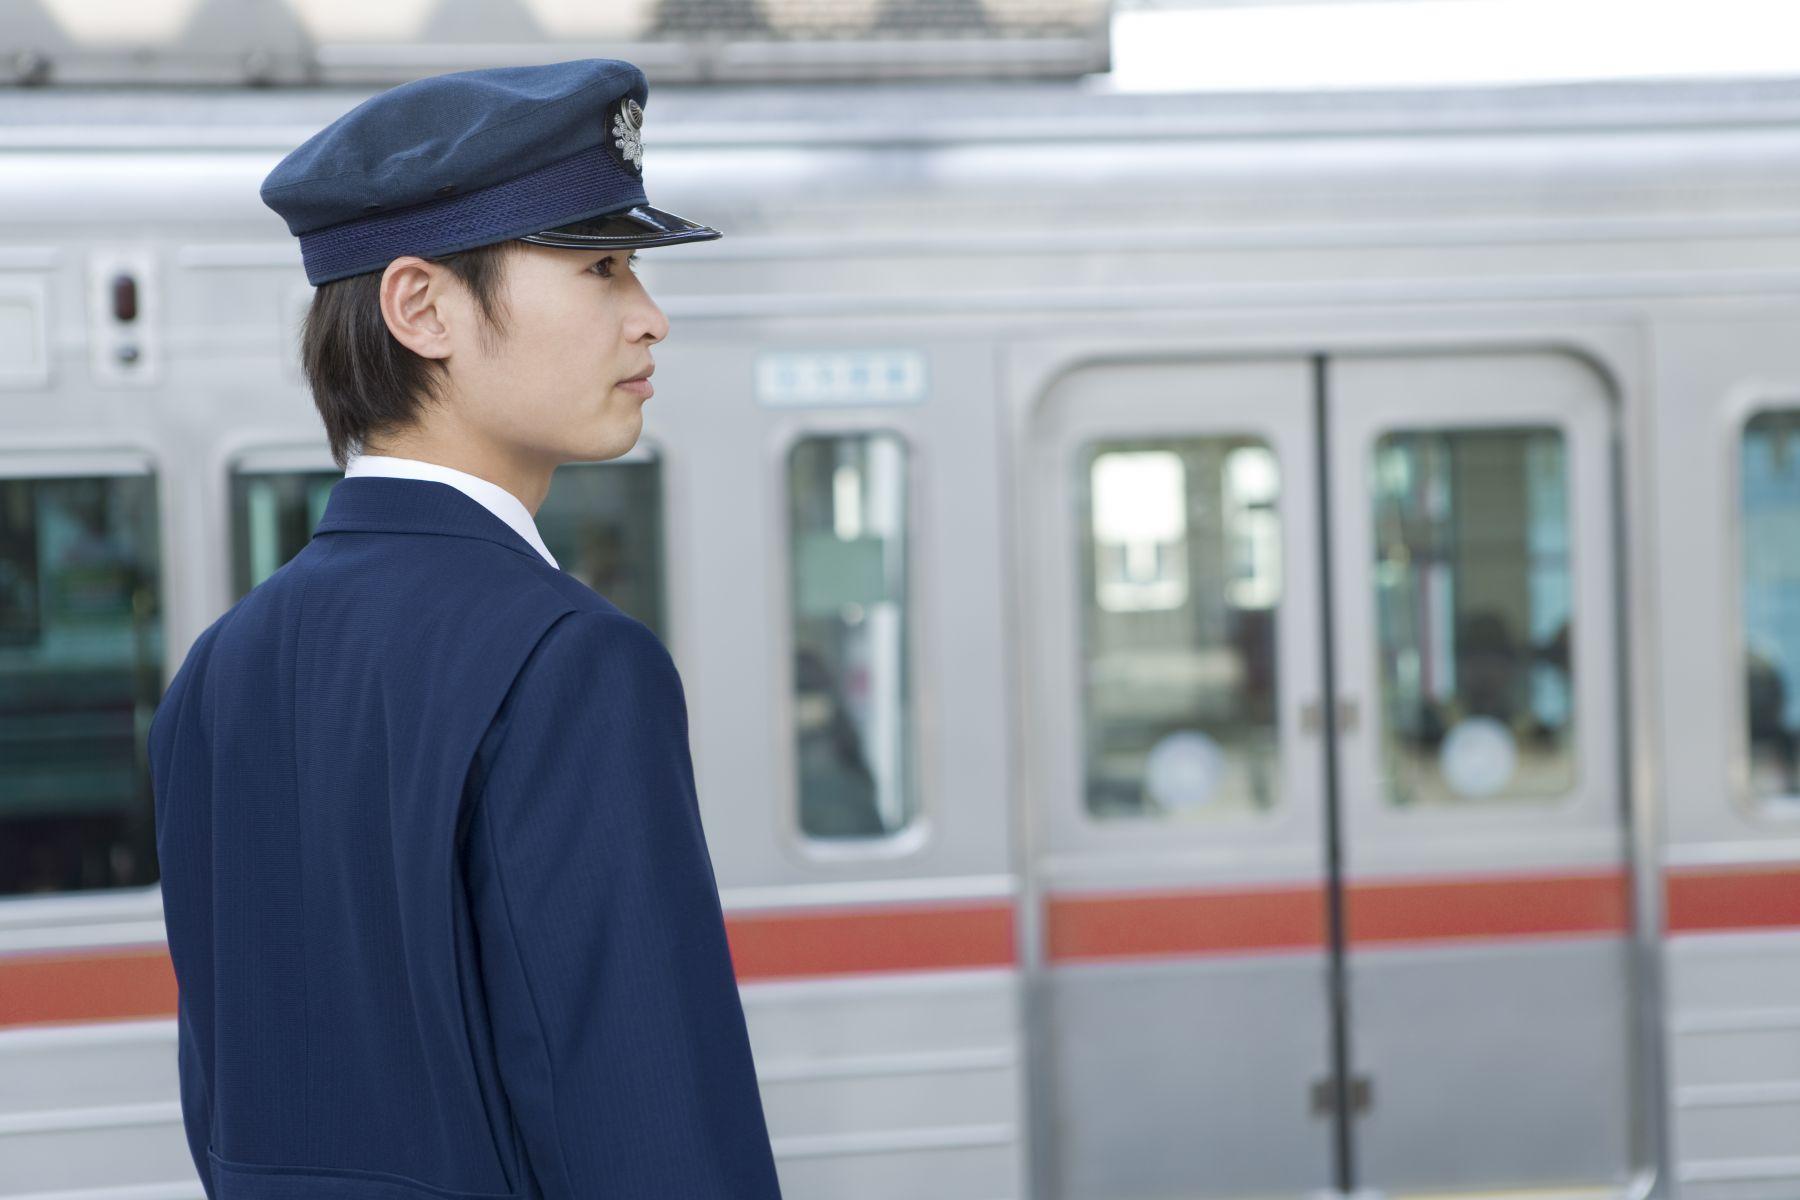 日本電車員工態度差?他說:他們是運輸業不是服務業